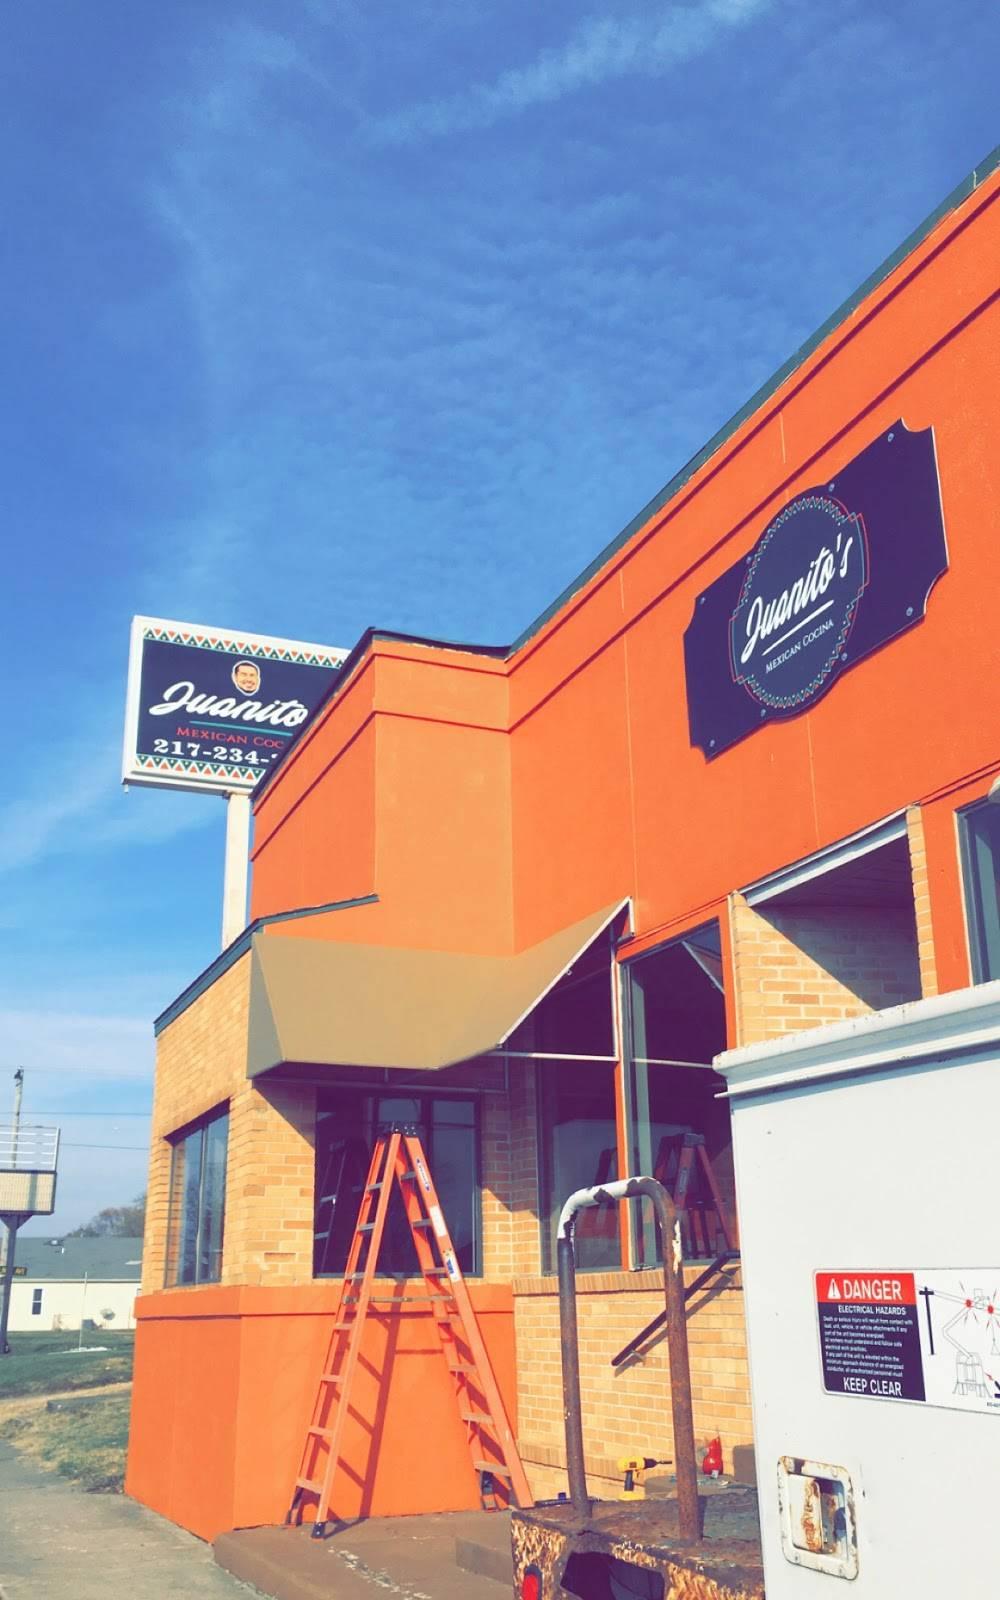 Juanito's Mexican Cocina | restaurant | 808 Lake Land Blvd, Mattoon, IL 61938, USA | 2172343475 OR +1 217-234-3475